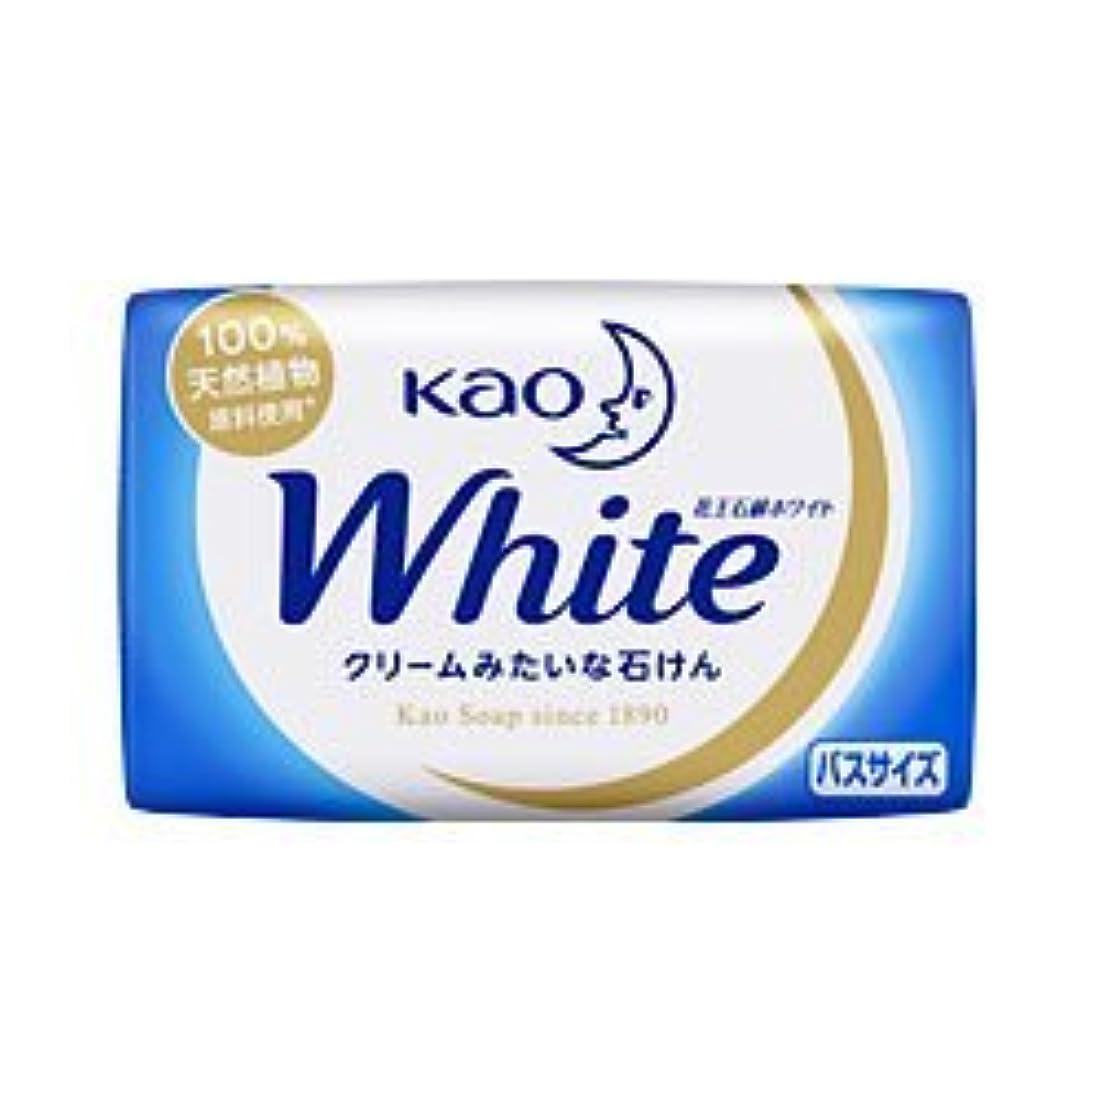 落胆させる幻滅するご近所【花王】花王ホワイト バスサイズ 1個 130g ×5個セット